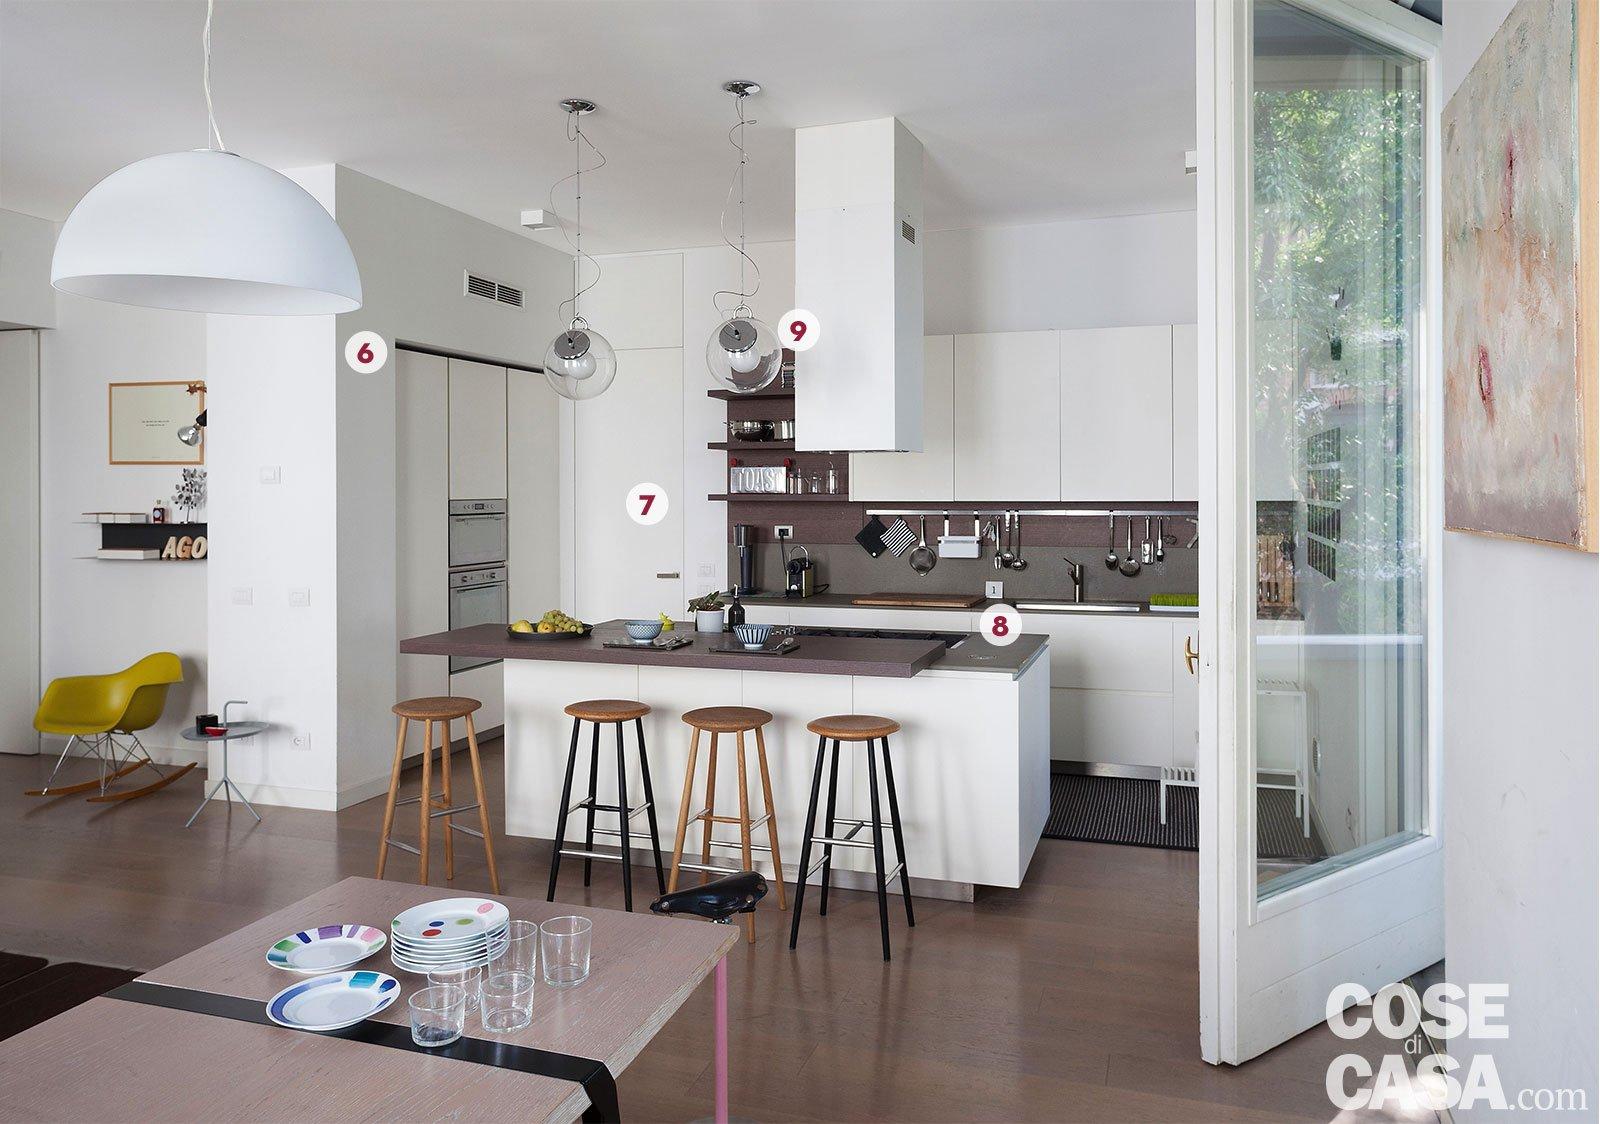 Una casa con il soggiorno open space che diventa pi grande e un bagno che si splitta in tre - Bagno davide gatteo mare ...